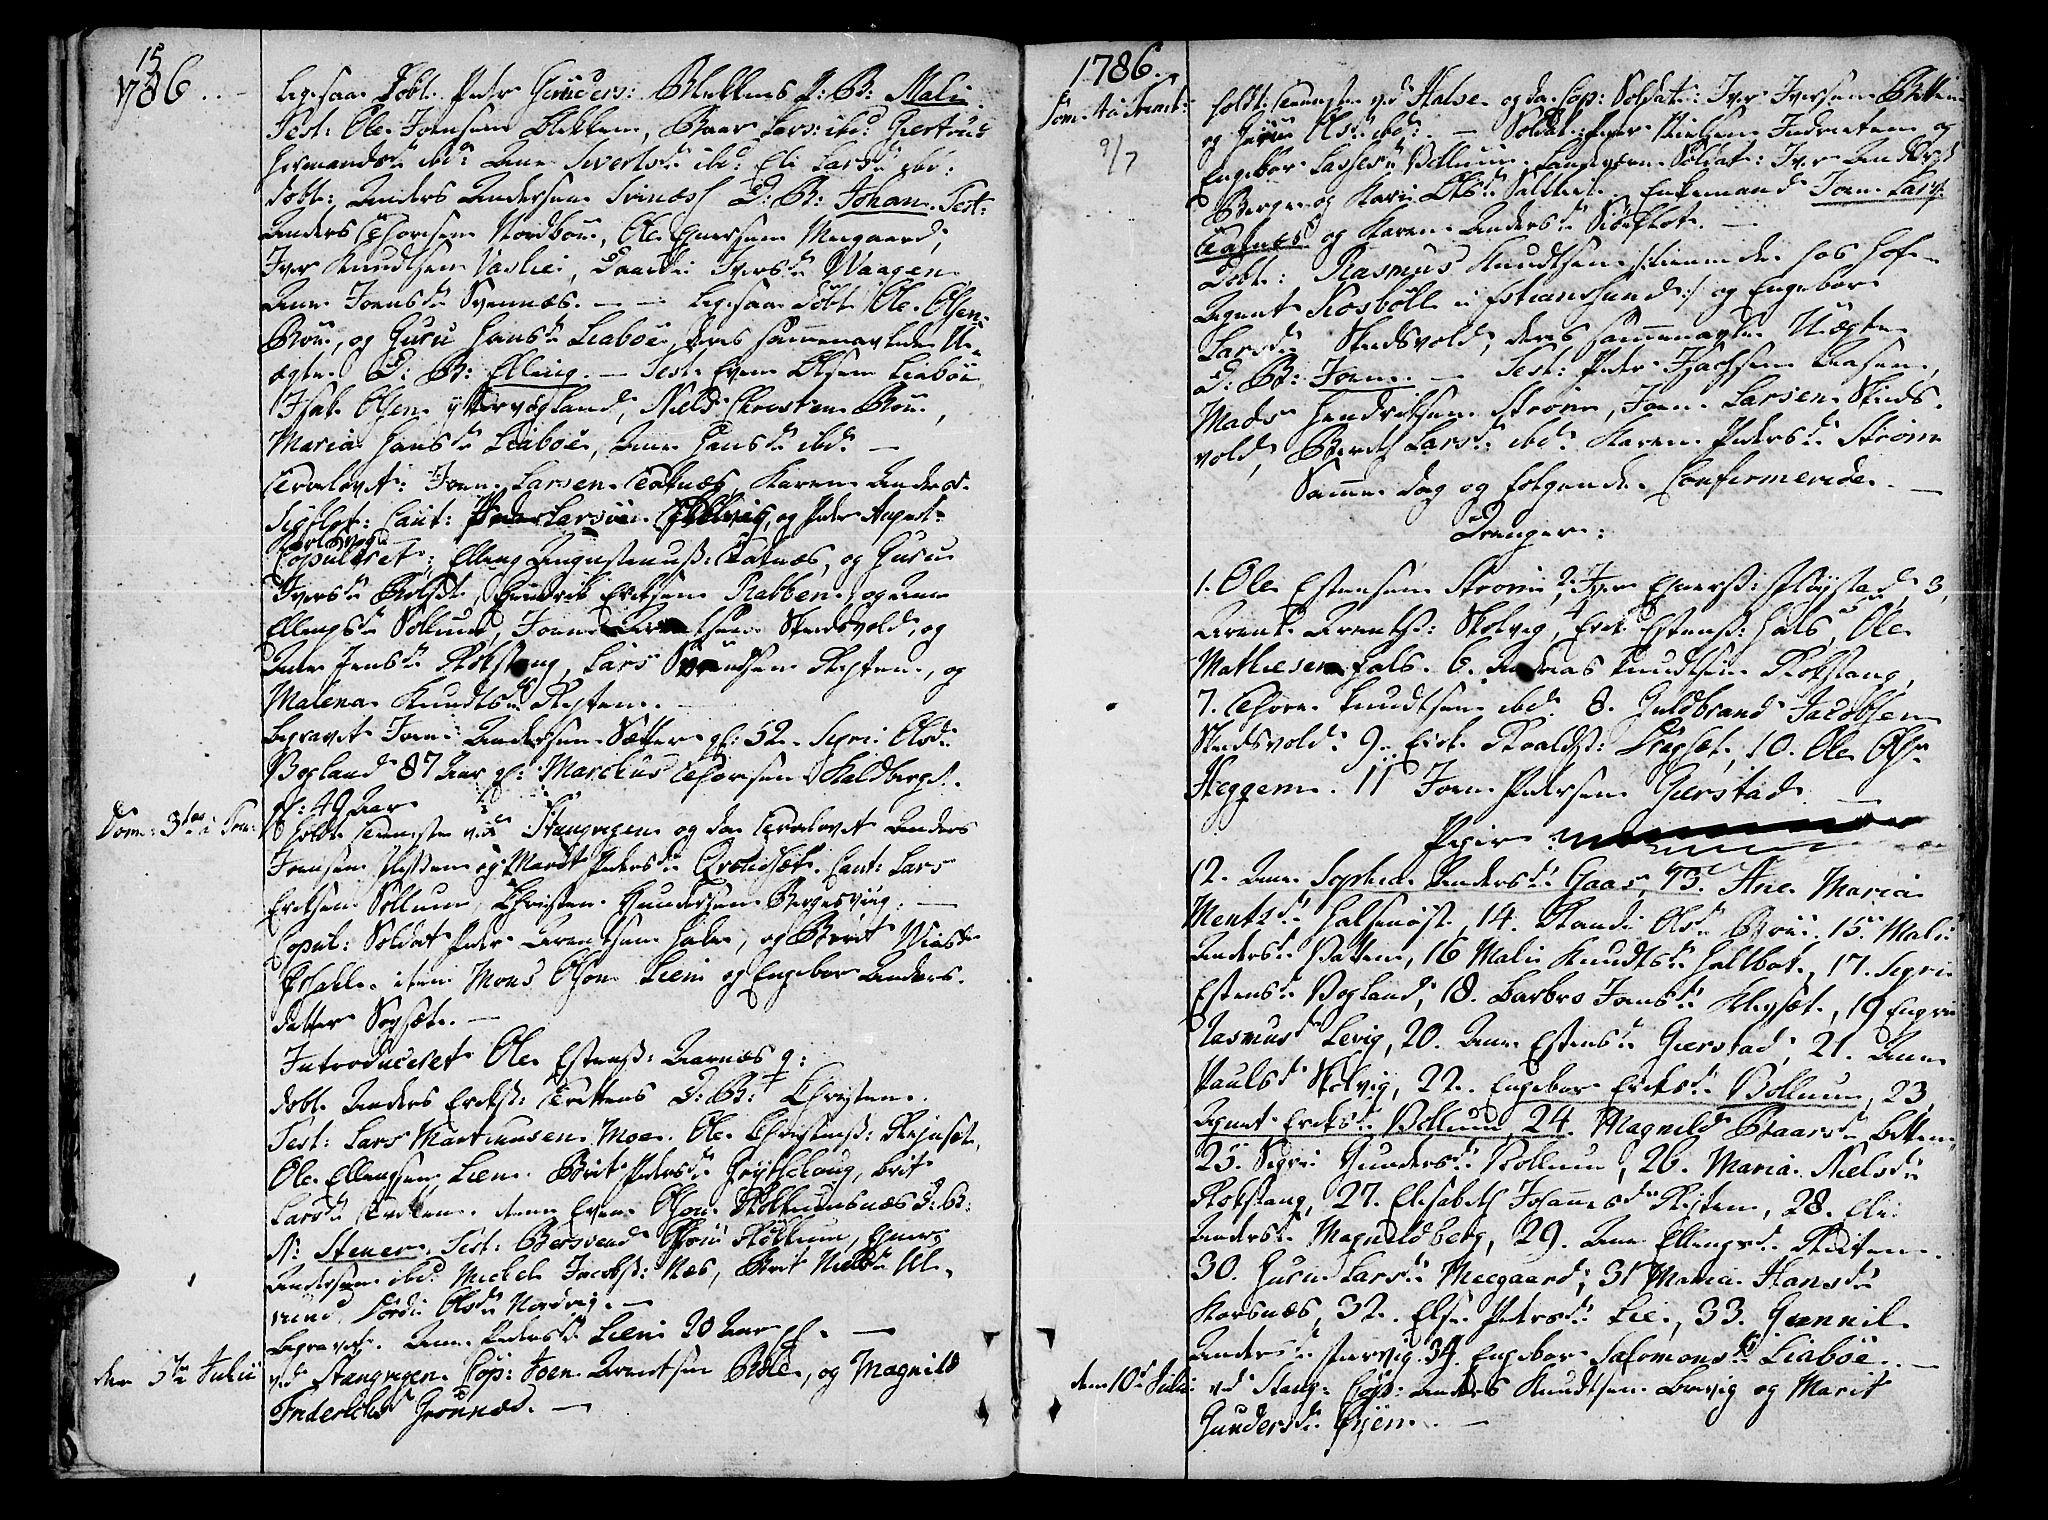 SAT, Ministerialprotokoller, klokkerbøker og fødselsregistre - Møre og Romsdal, 592/L1022: Ministerialbok nr. 592A01, 1784-1819, s. 15